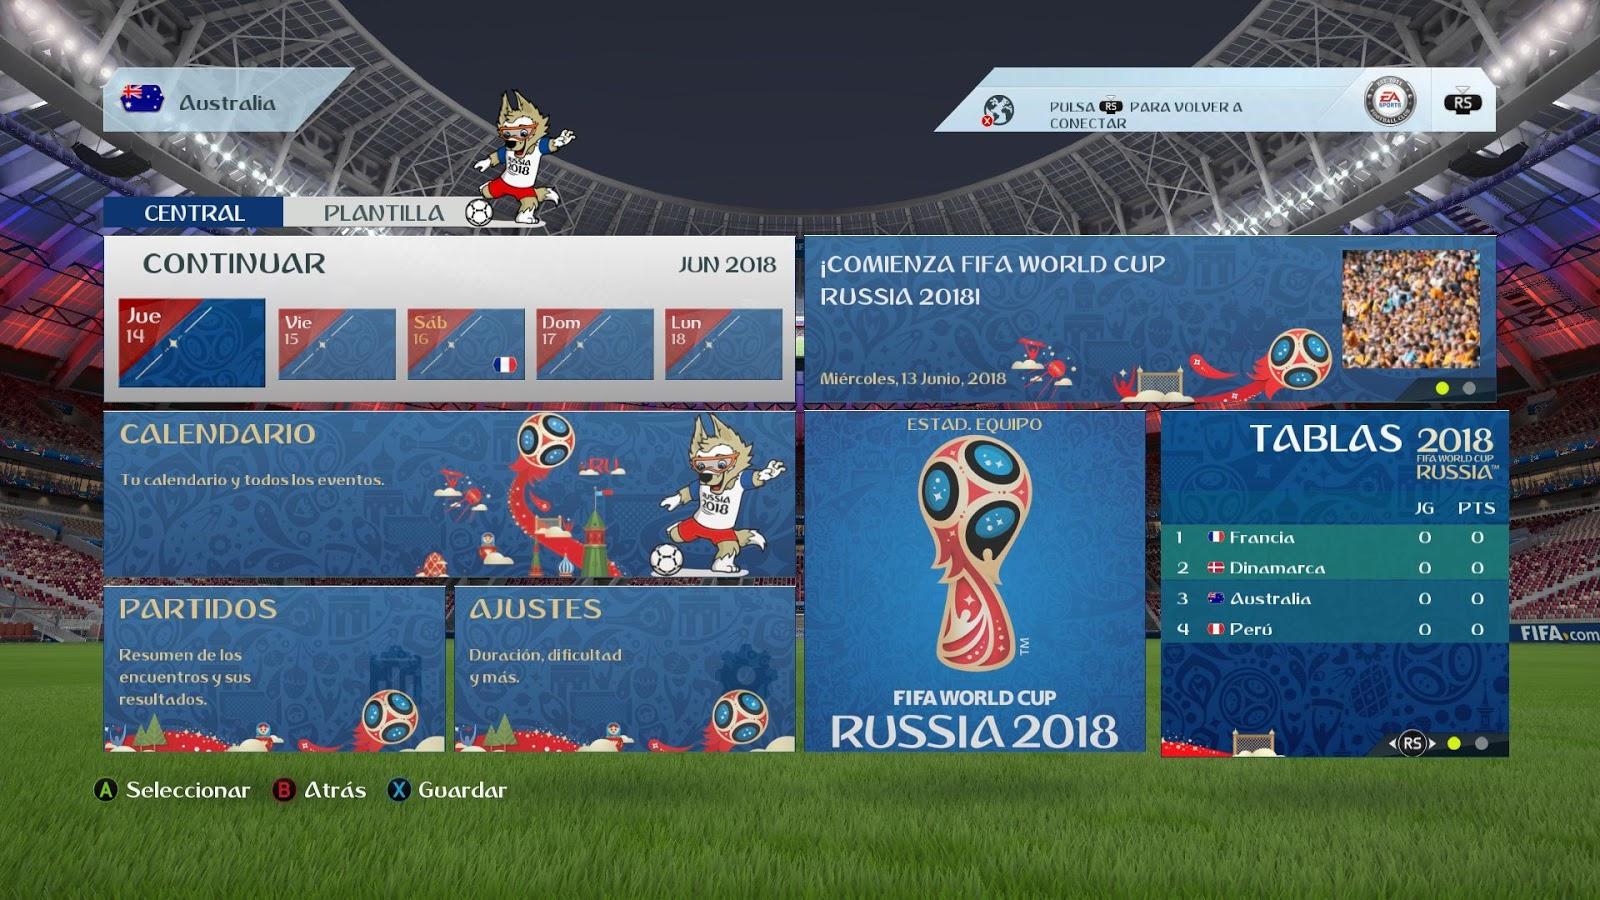 fd1e5a273 FIFA 16 ModdingWay Mod Update 28.0.4 World Cup 2018 Edition ...